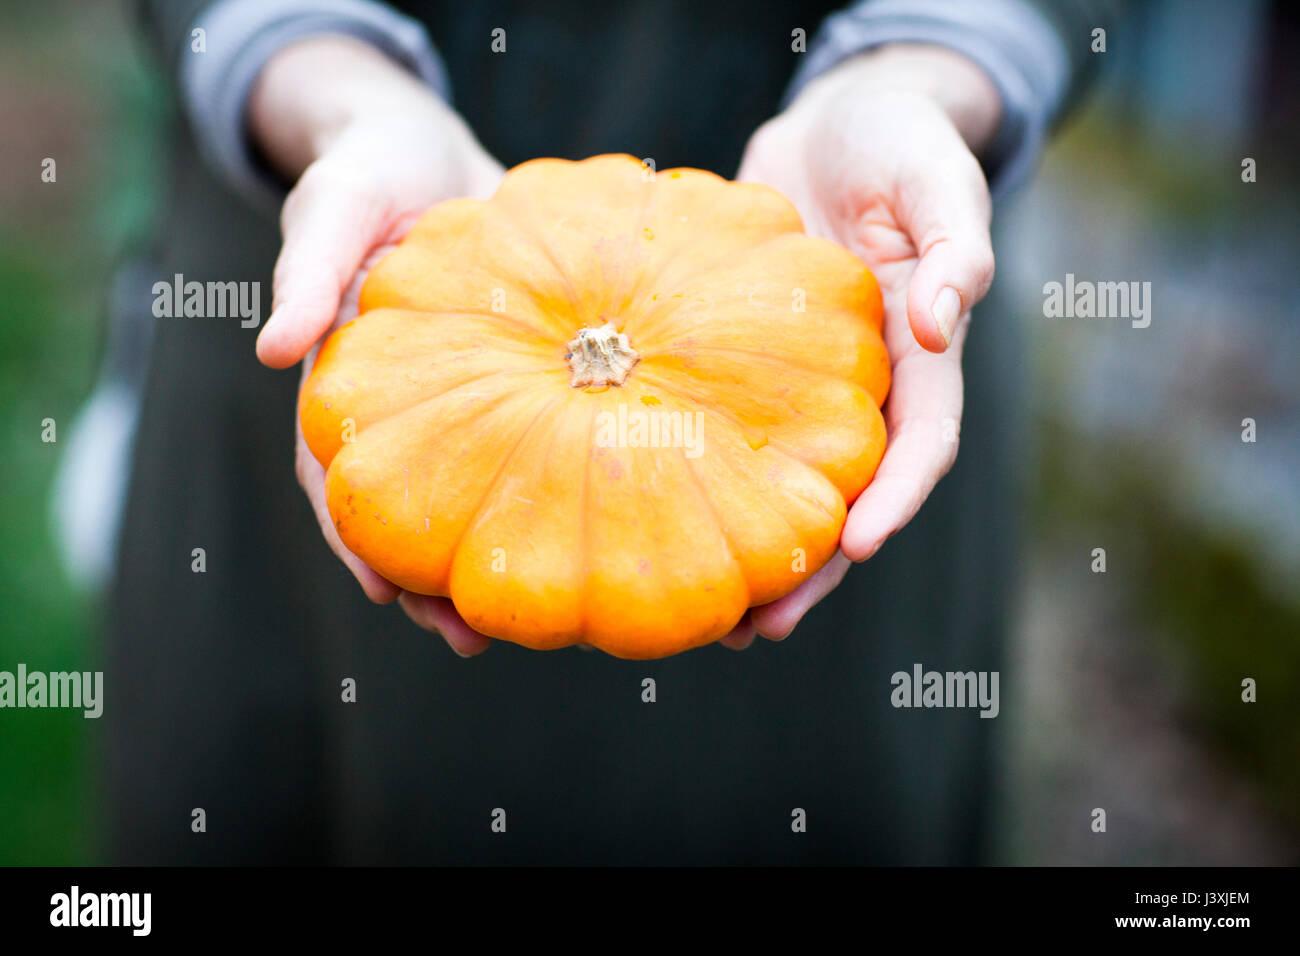 Le mani del giardiniere femmina azienda orange squash verdura Immagini Stock